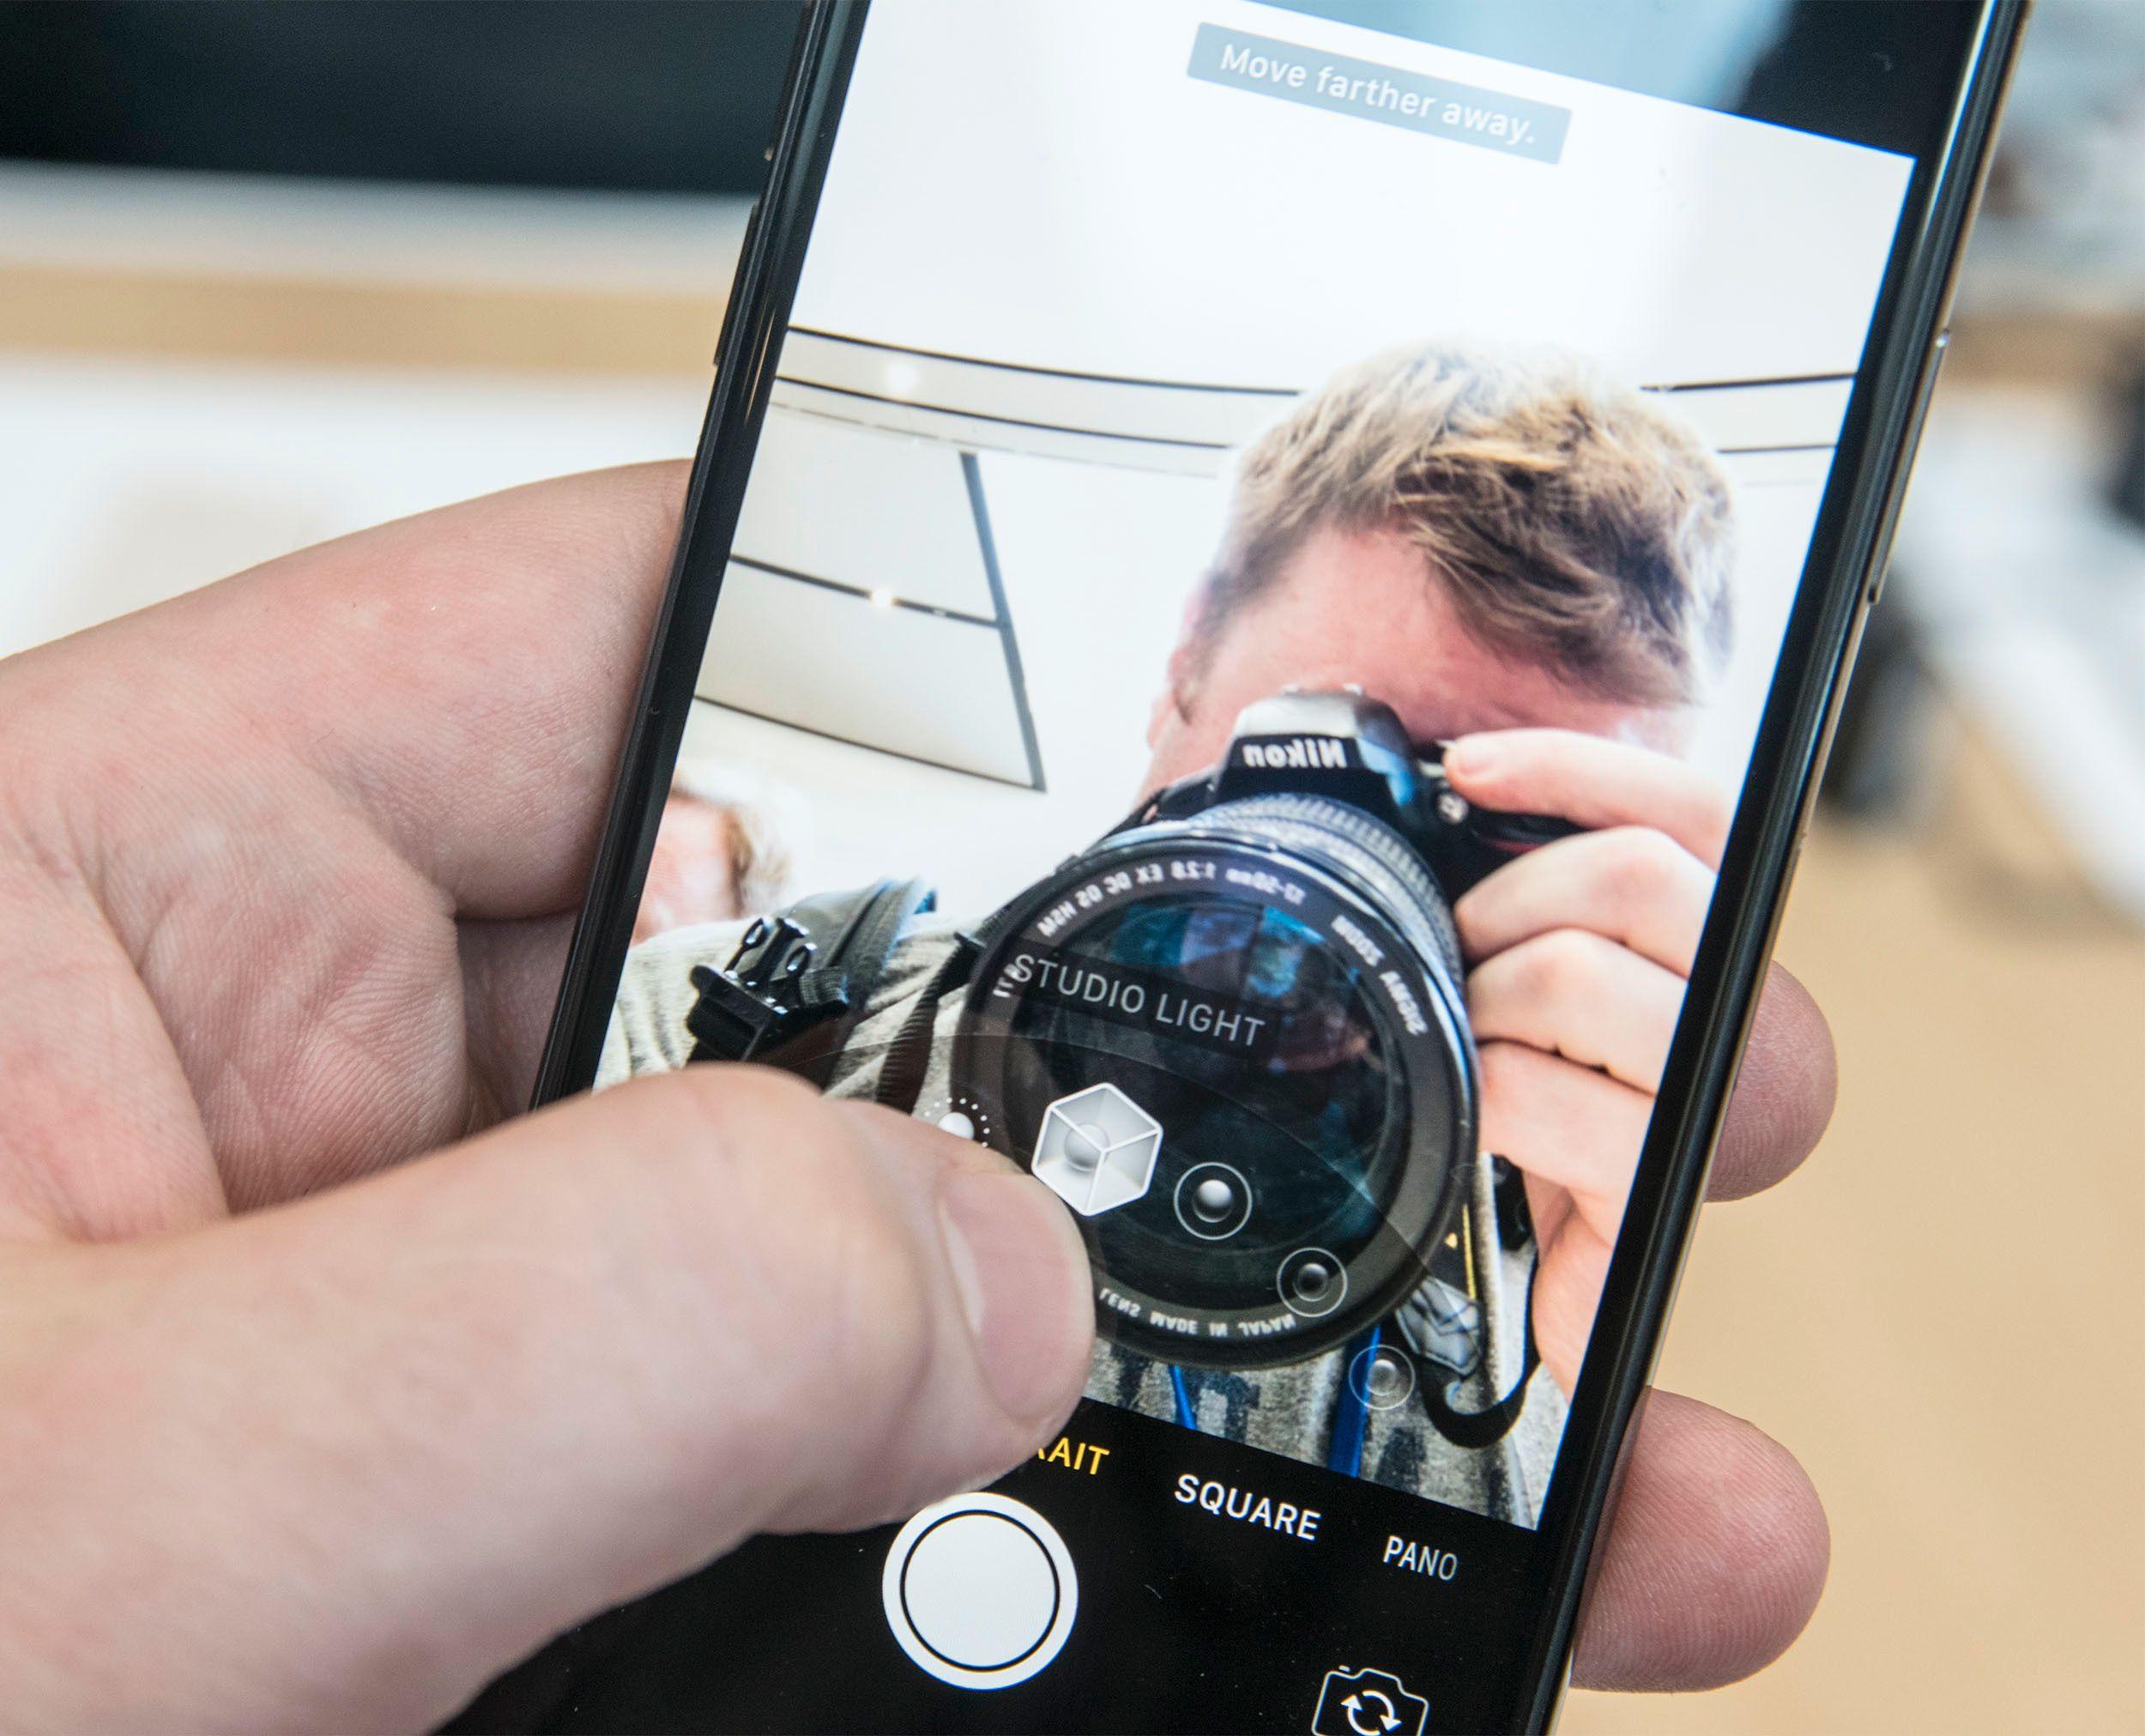 Ansiktscanneren på framsiden av telefonen gjør at mobilen kan skille ansiktet fra resten av bakgrunnen på en bedre måte. Essensielt for Face ID og nyttig for selfies. Bilde: Finn Jarle Kvalheim, Tek.no